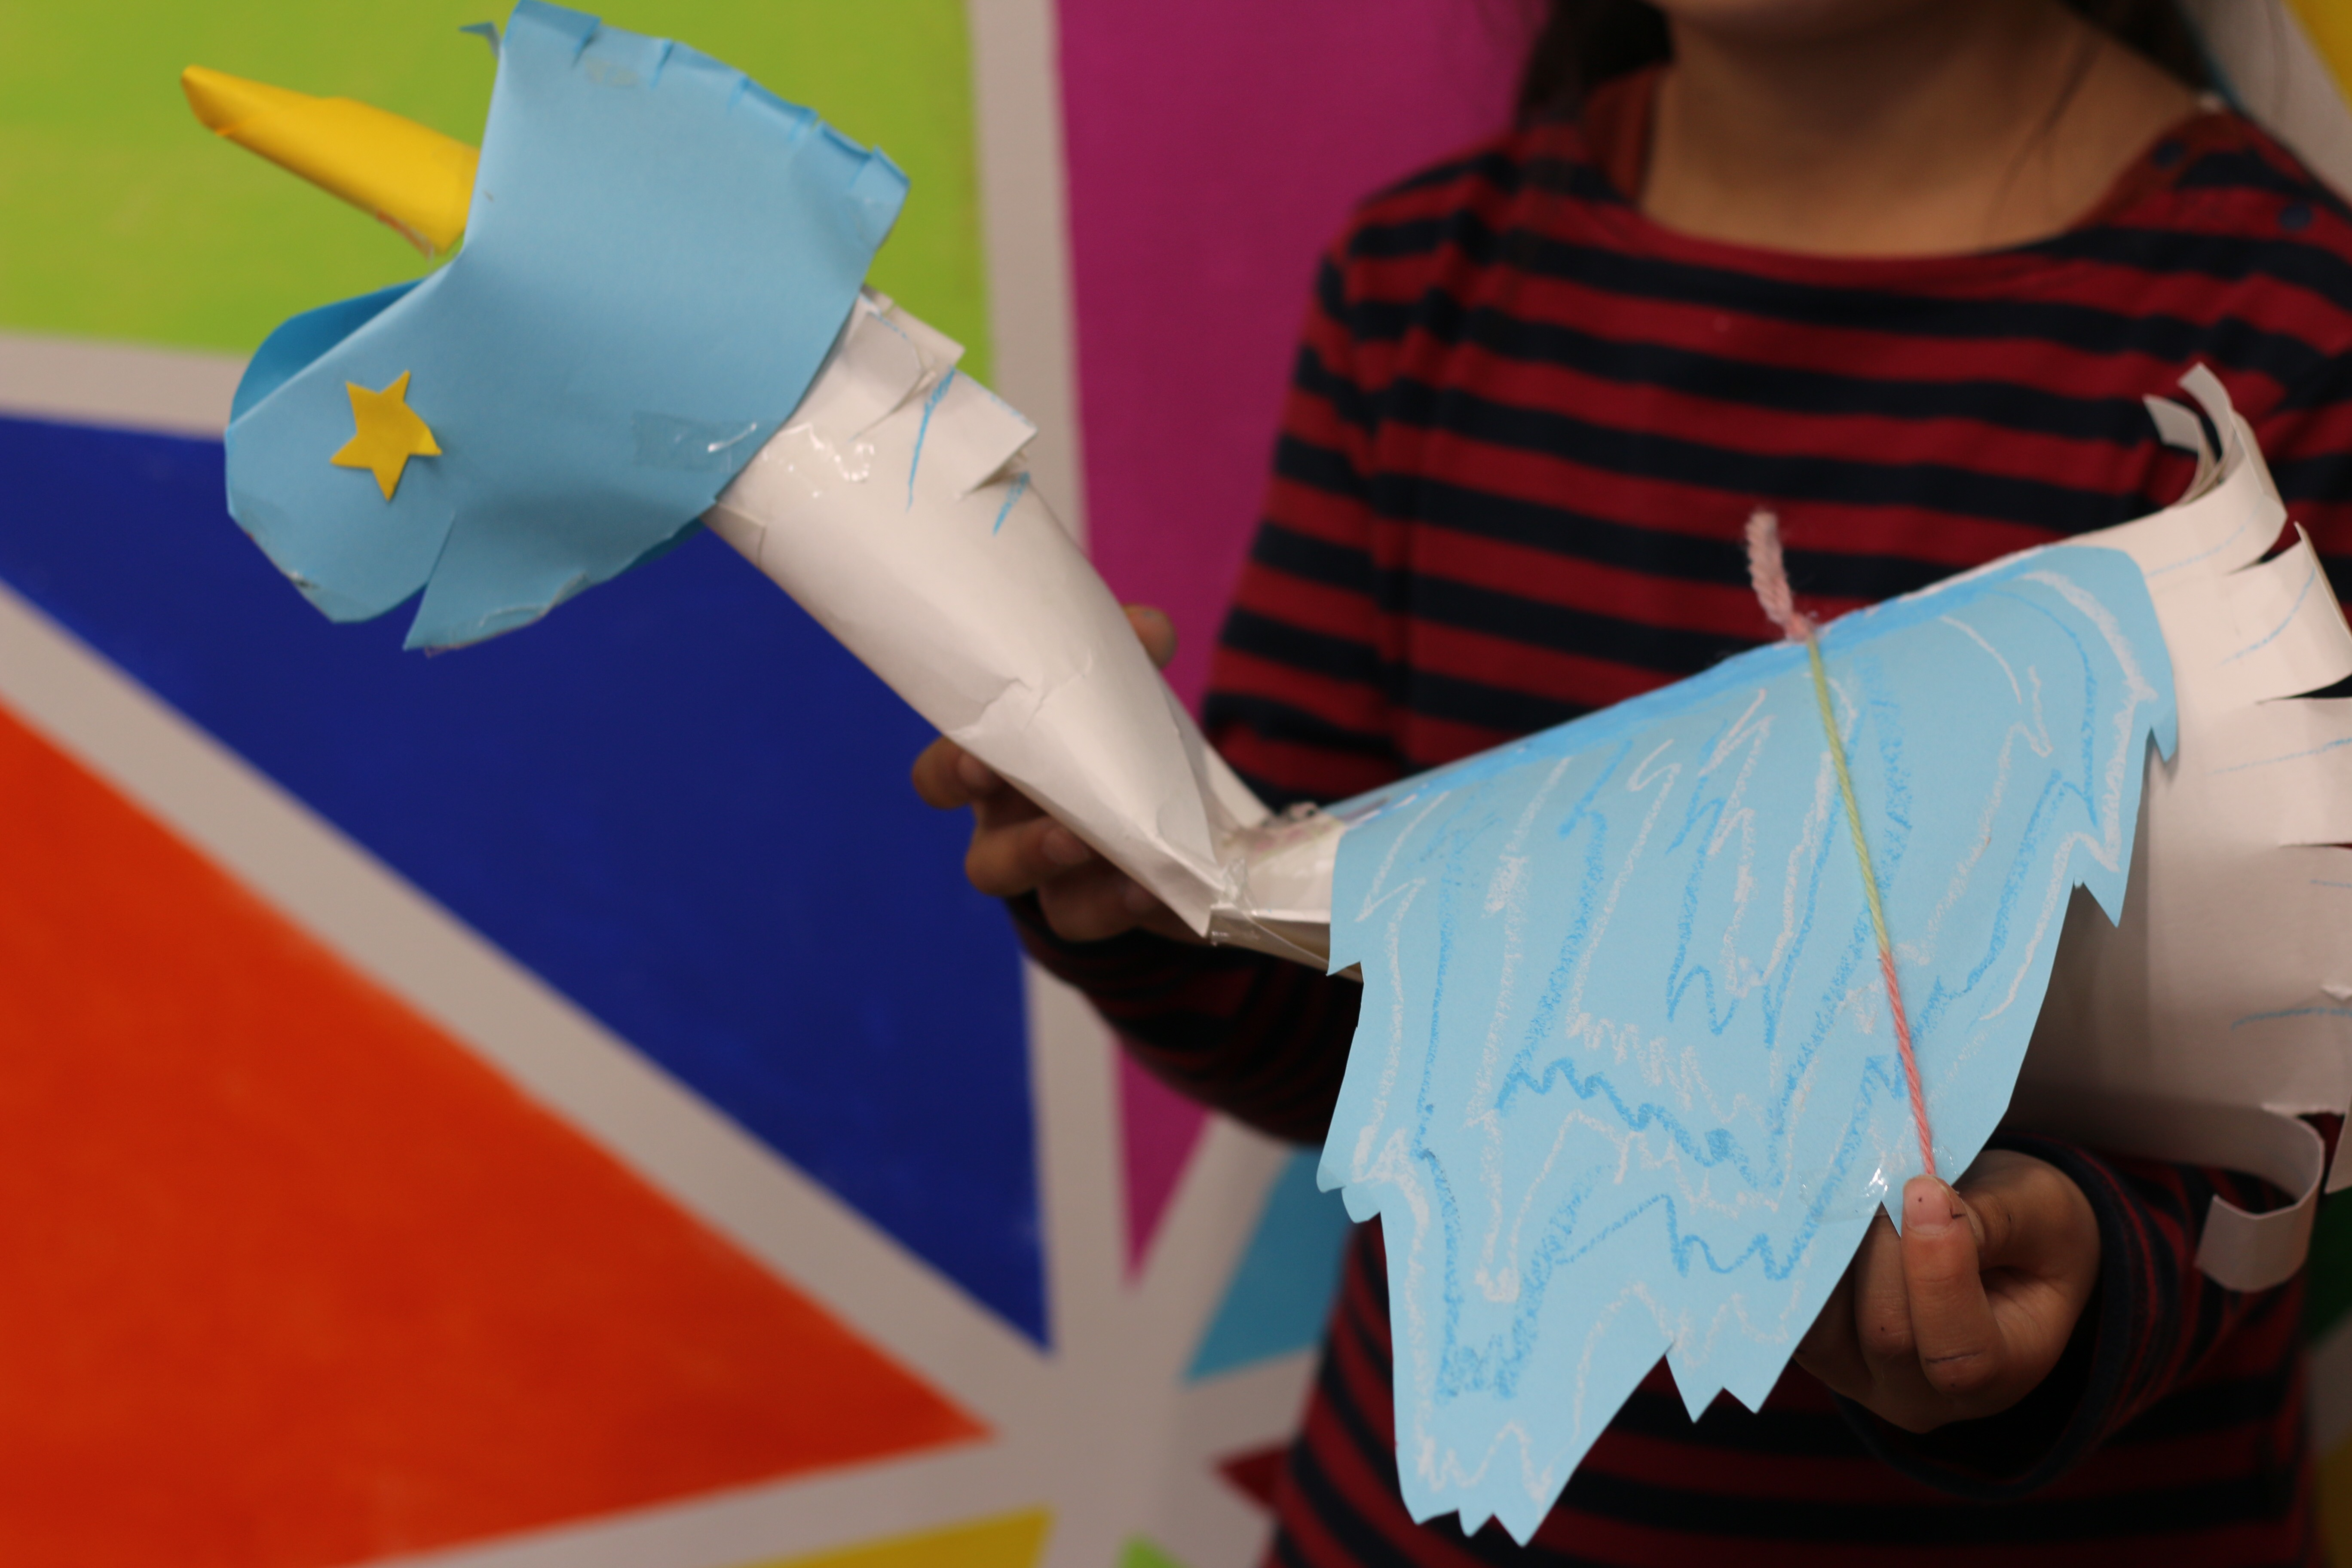 ドキドキ♪春のアートスクールとお祭り♪ イメージ画像